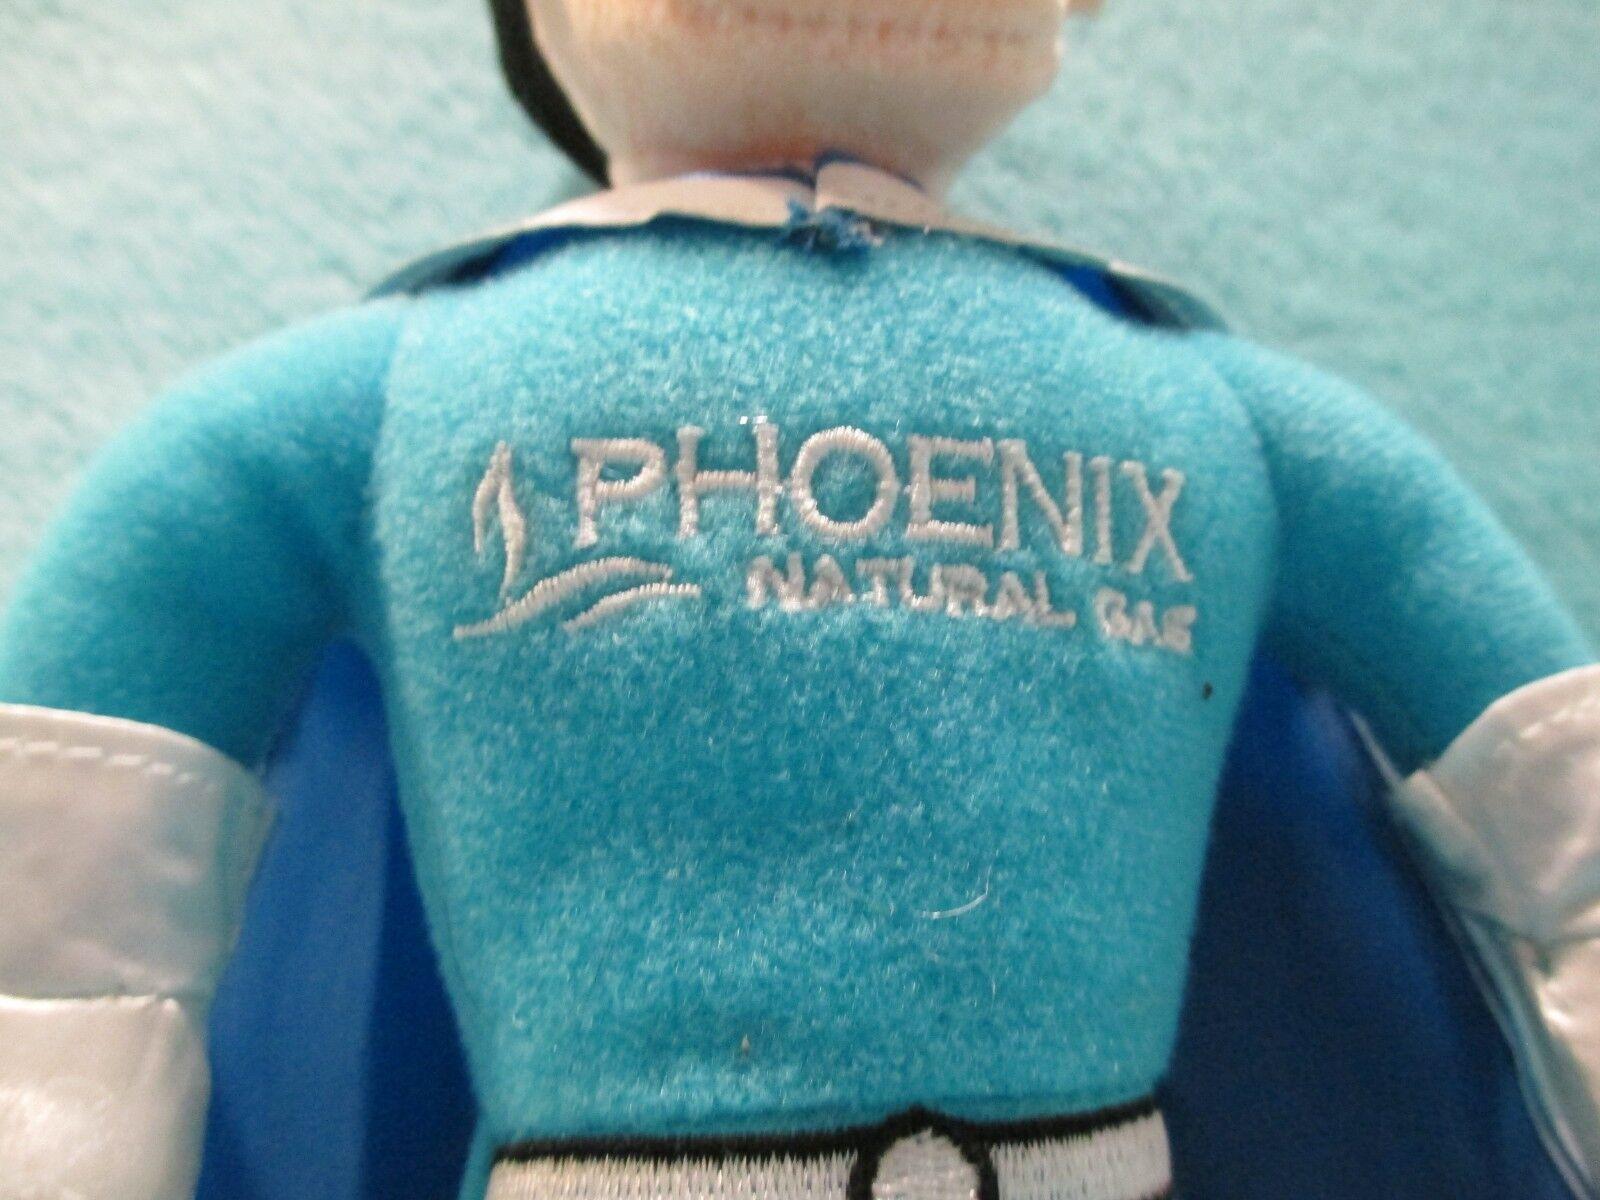 Phoenix Phoenix Phoenix Promozionale edizione limitata Gas Naturale-Super Morbido Peluche Giocattolo JIM 10  b838c7